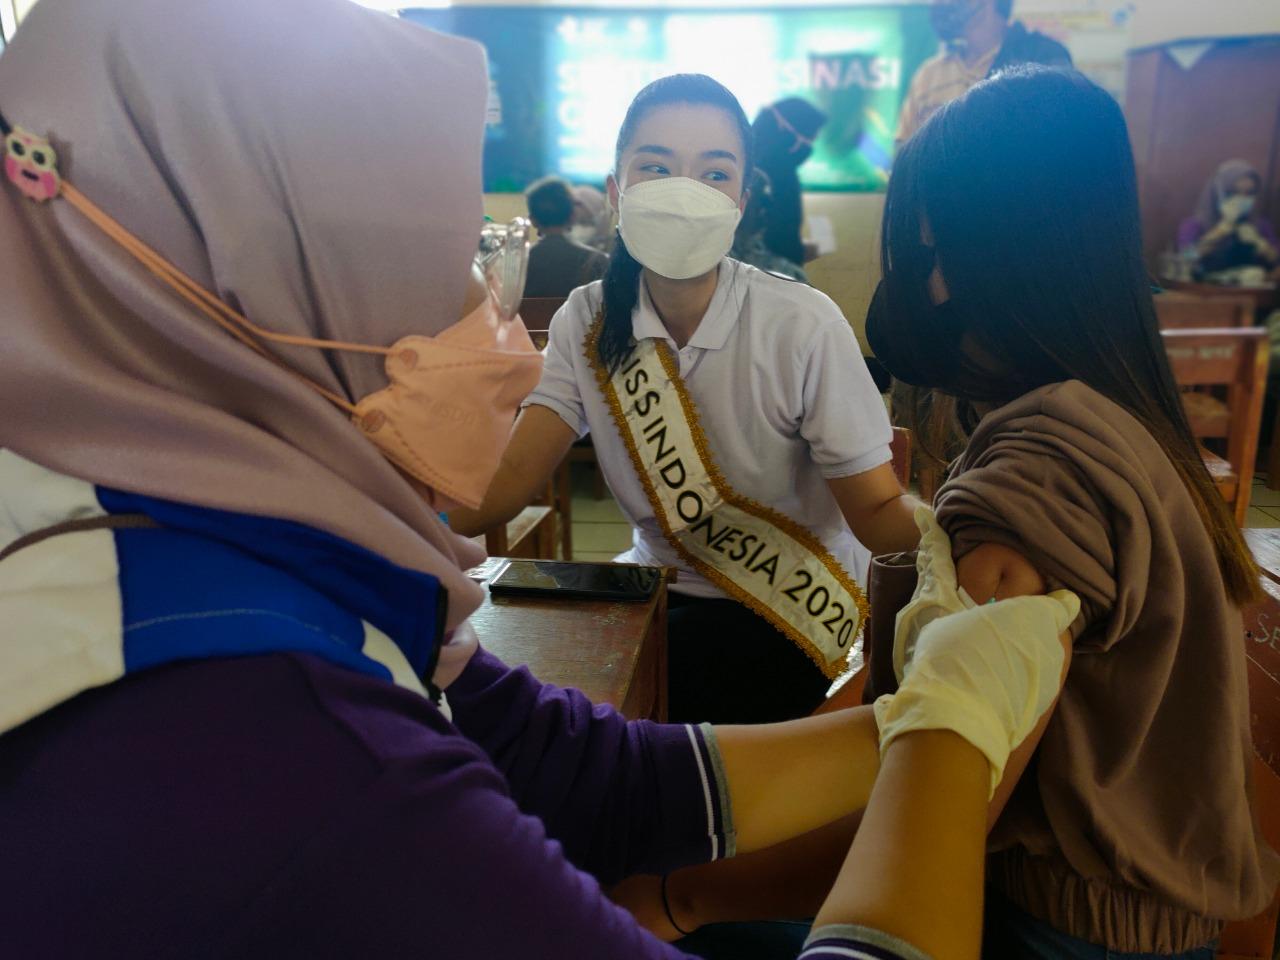 Dihadiri Miss Indonesia, Warga Sambut Antusias Sentra Vaksinasi MNC Peduli di Bogor